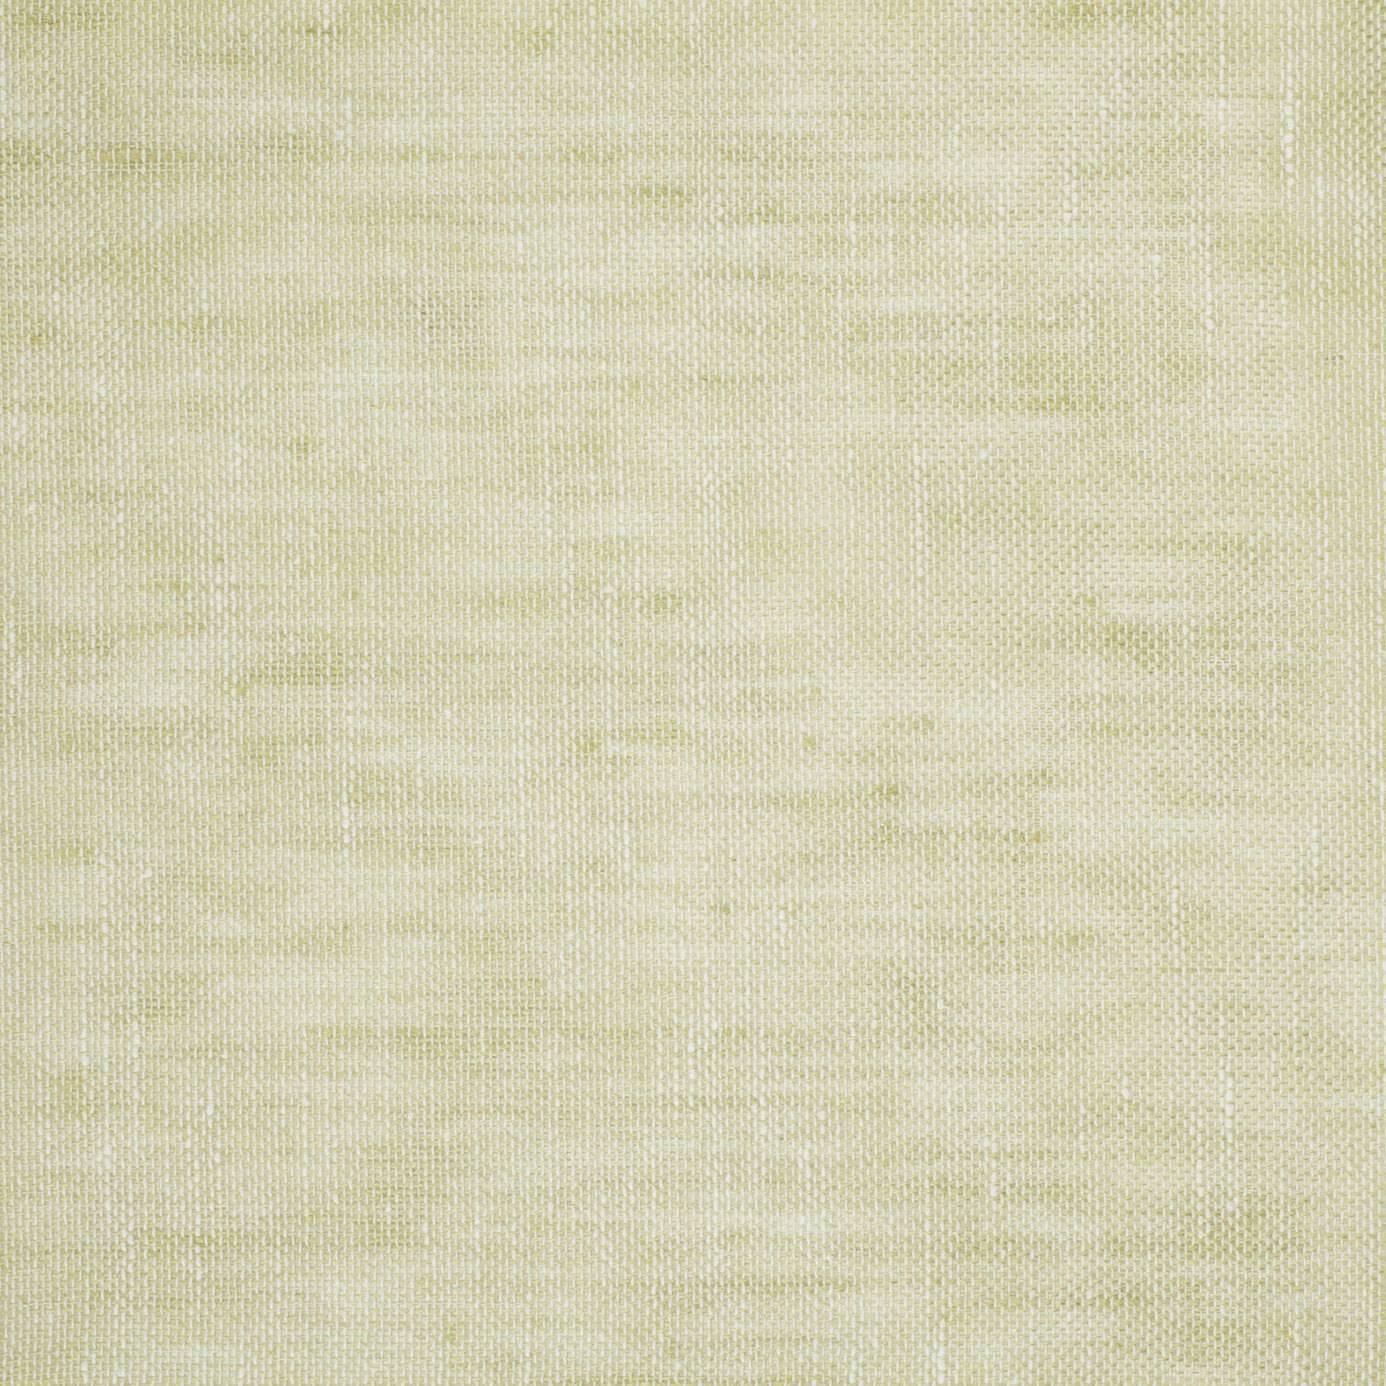 Poetica voile fabric pistachio 141061 harlequin for Voile fabric